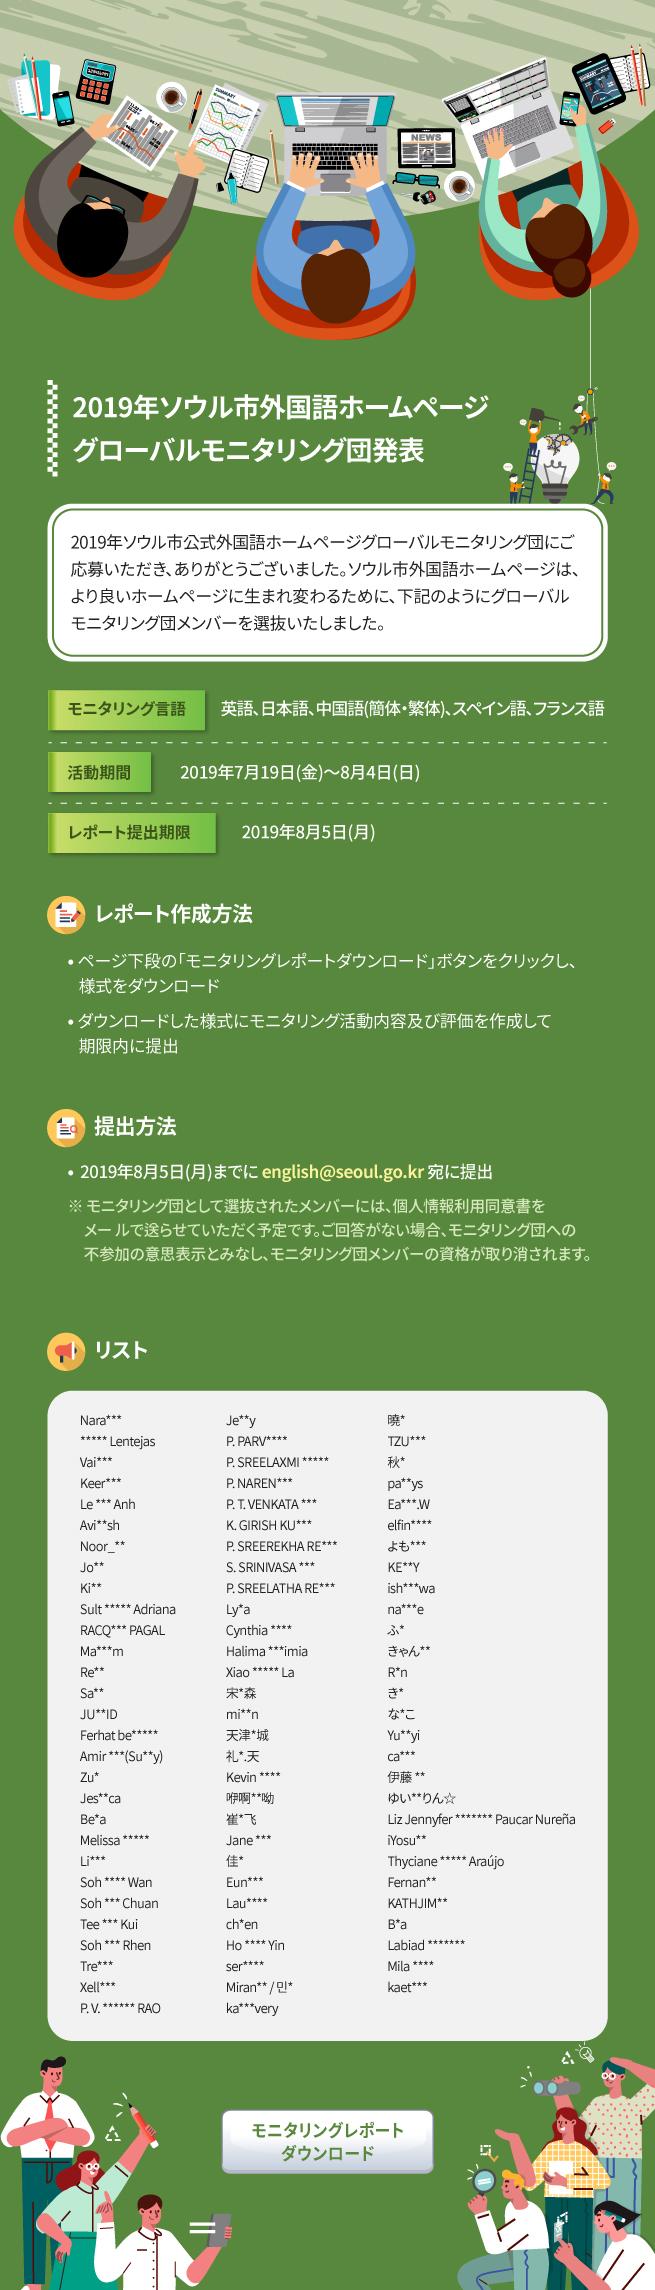 2019年ソウル市公式外国語ホームページグローバルモニタリング団発表  2019年ソウル市公式外国語ホームページグローバルモニタリング団にご応募いただき、ありがとうございました。ソウル市外国語ホームページは、より良いホームページに生まれ変わるために、下記のようにグローバルモニタリング団メンバーを選抜いたしました。  モニタリング言語:英語、日本語、中国語(簡体・繁体)、スペイン語、フランス語 活動期間:2019年7月19日(金)~8月4日(日) レポート提出期限:2019年8月5日(月)             レポート作成方法 - ページ下段の「モニタリングレポートダウンロード」ボタンをクリックし、様式をダウンロード - ダウンロードした様式にモニタリング活動内容及び評価を作成して期限内に提出  提出方法 2019年8月5日(月)までにenglish@seoul.go.kr宛に提出    ※ モニタリング団として選抜されたメンバーには、個人情報利用同意書をメールで送らせていただく予定です。ご回答がない場合、モニタリング団への不参加の意思表示とみなし、モニタリング団メンバーの資格が取り消されます。  -------------------------------------------------------------------- リスト --------------------------------------------------------------------  Nara*** ***** Lentejas Vai*** Keer*** Le *** Anh Avi**sh Noor_** Jo** Ki** Sult ***** Adriana RACQ*** PAGAL Ma***m Re** Sa** JU**ID Ferhat be***** Amir ***(Su**y) Zu* Jes**ca Be*a Melissa ***** Li*** Soh **** Wan Soh *** Chuan Tee *** Kui Soh *** Rhen Tre*** Xell*** P. V. ****** RAO Je**y P. PARV**** P. SREELAXMI ***** P. NAREN*** P. T. VENKATA *** K. GIRISH KU*** P. SREEREKHA RE*** S. SRINIVASA *** P. SREELATHA RE*** Ly*a Cynthia **** Halima ***imia Xiao ***** La 宋*森 mi**n 天津*城 礼*.天 Kevin **** 咿啊**呦 崔*飞 Jane *** 佳* Eun*** Lau**** ch*en Ho **** Yin ser**** Miran** / 민* ka***very 曉* TZU*** 秋* pa**ys Ea***.W elfin**** よも*** KE**Y ish***wa na***e ふ* きゃん** R*n き* な*こ Yu**yi ca*** 伊藤 ** ゆい**りん☆ Liz Jennyfer ******* Paucar Nureña iYosu** Thyciane ***** Araújo Fernan** KATHJIM** B*a Labiad ******* Mila **** kaet***